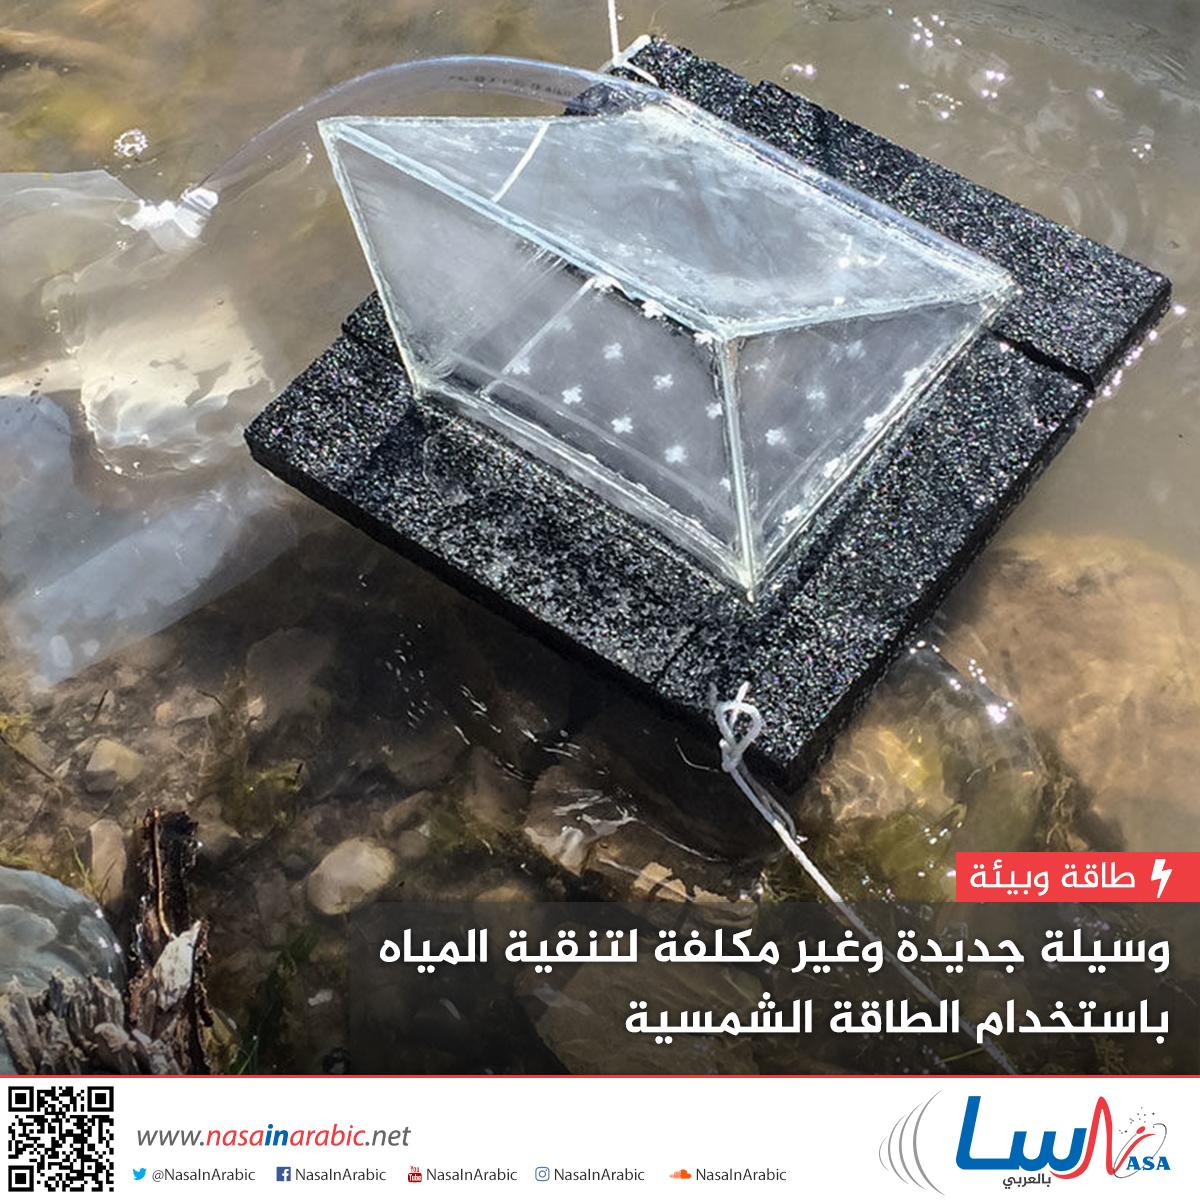 وسيلة جديدة وغير مكلفة لتنقية المياه باستخدام الطاقة الشمسية